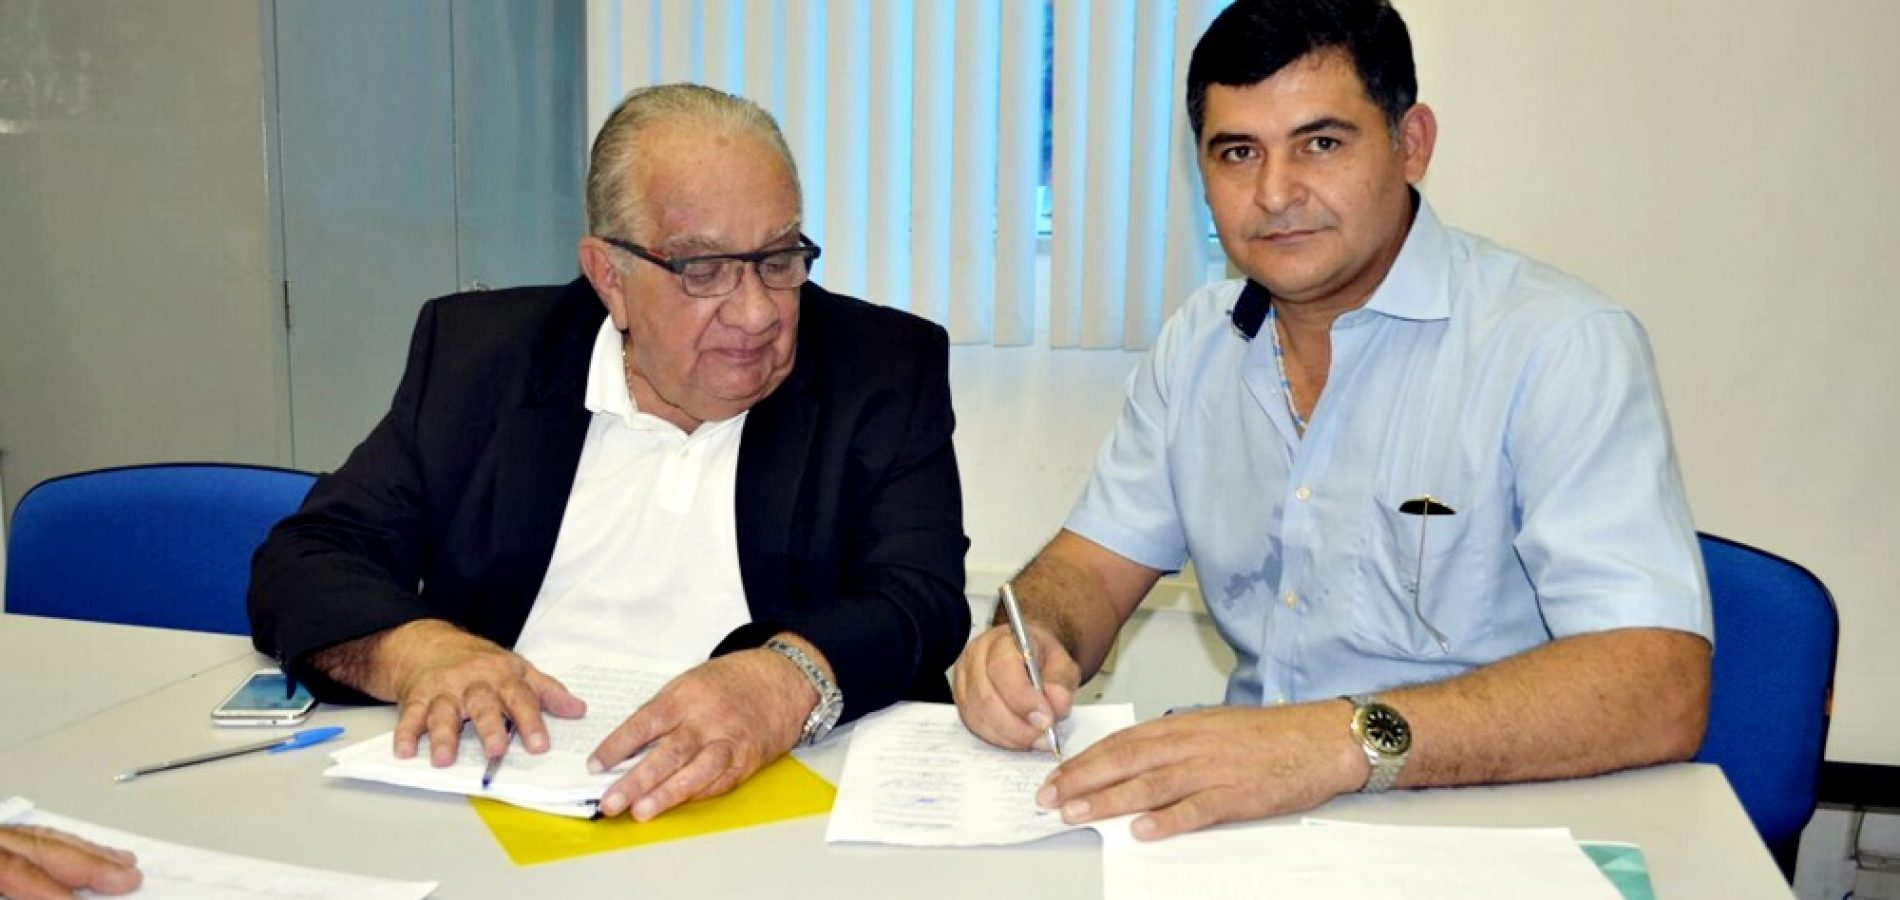 SÃO JULIÃO   Dr. Jonas assina convênio com a FUNASA para elaboração do Plano Municipal de Saneamento Básico